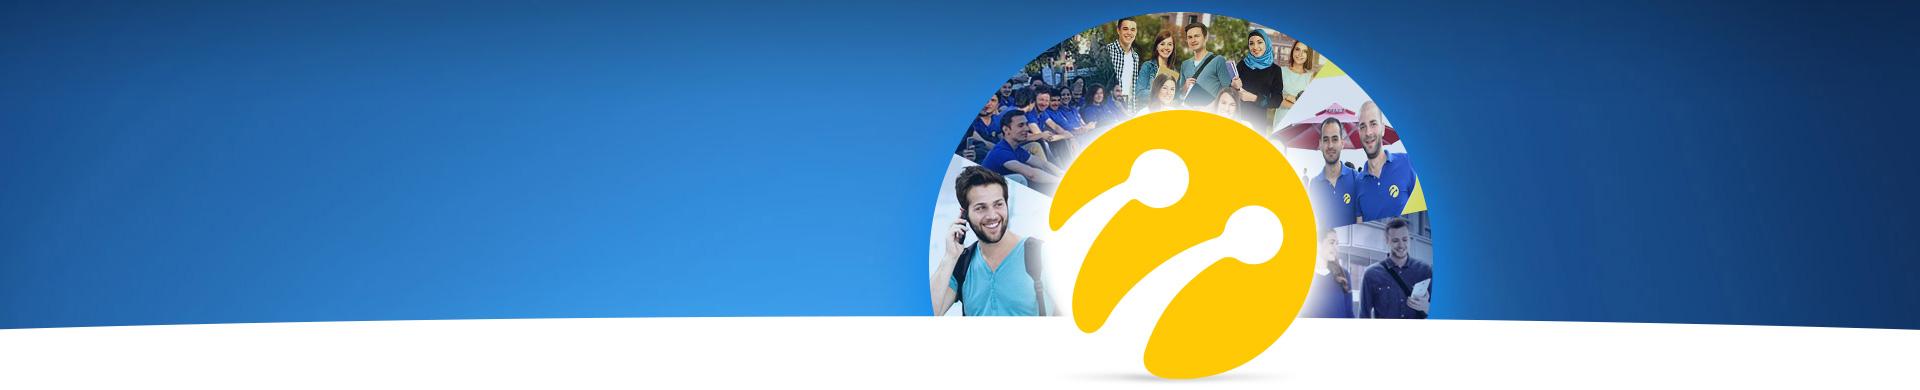 Turkcell PAF Takımında yerini almaya hazır mısın?